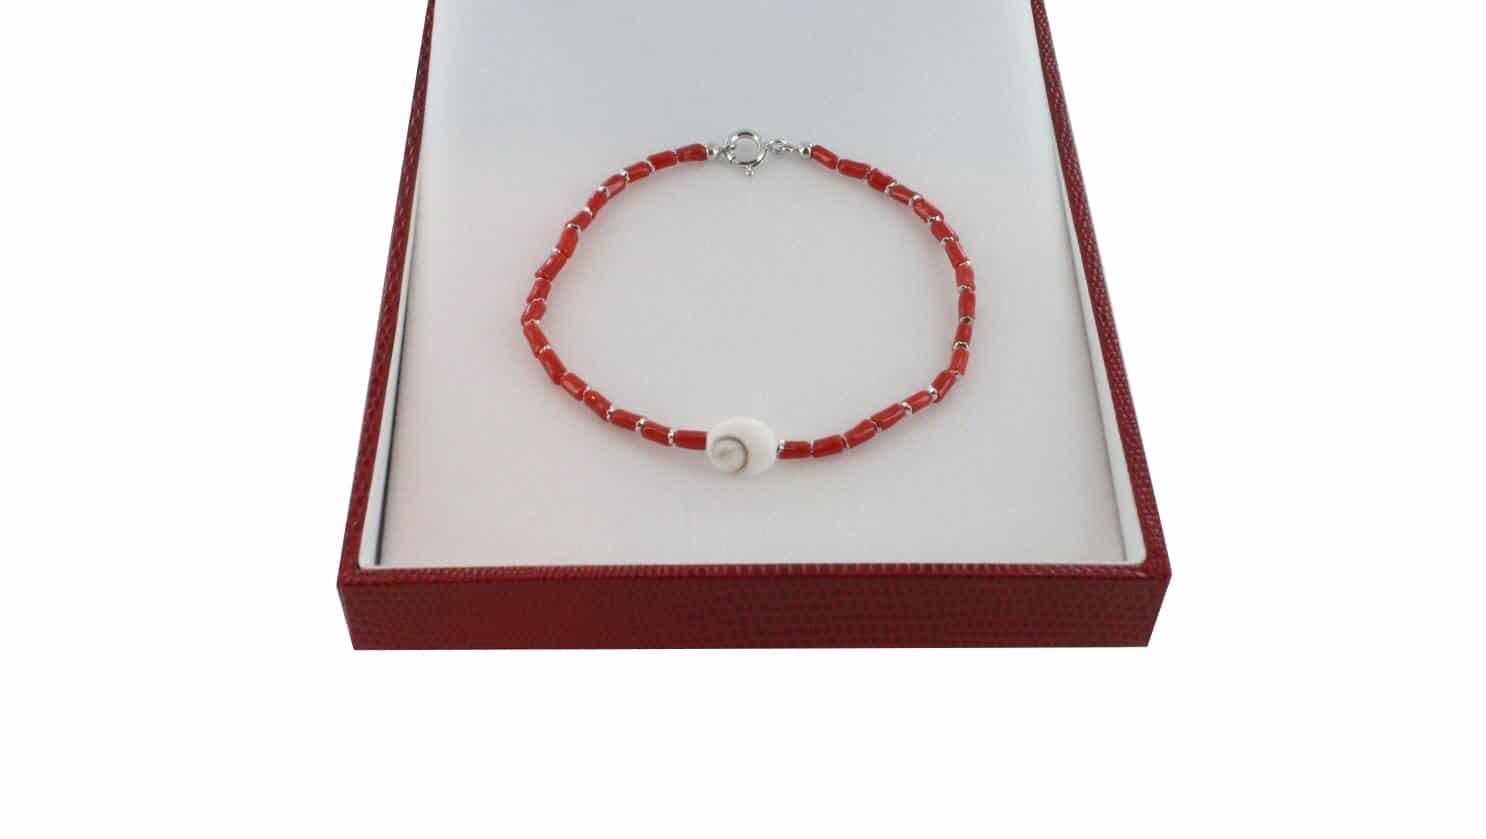 Bracelet homme en Corail véritable de méditerranée et argent 725 BR-CO-AR-H-1507